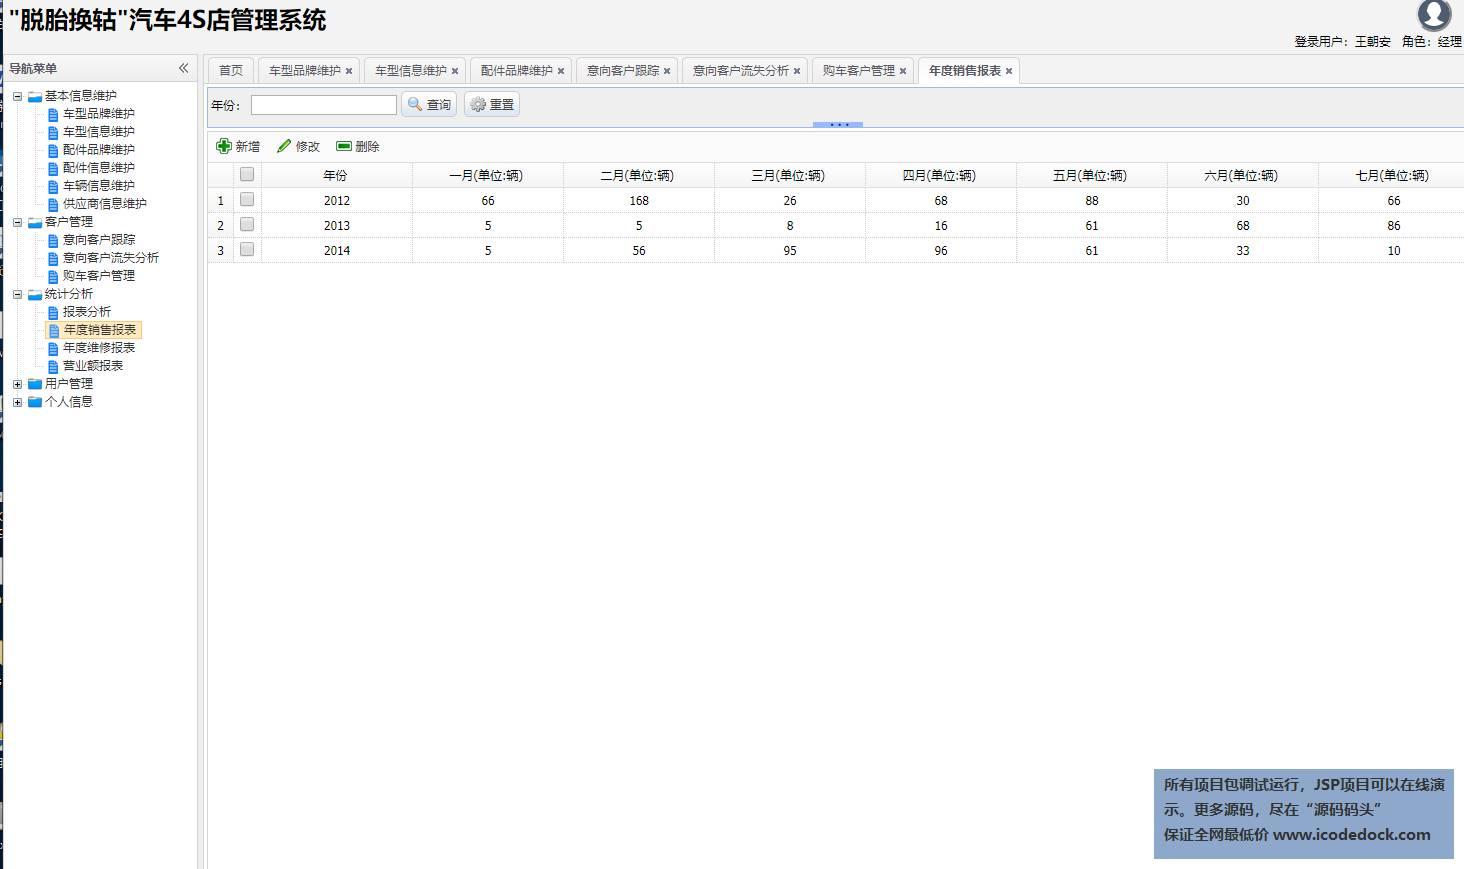 源码码头-SSH汽车4S店管理系统-管理员角色-统计分析